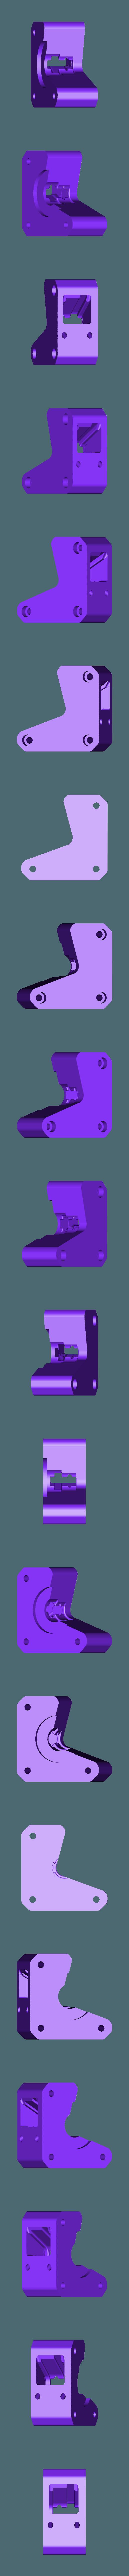 Gearhead_17.stl Télécharger fichier STL gratuit Gearstruder J7 - Extrudeuse à double entraînement • Design pour impression 3D, WalterHsiao